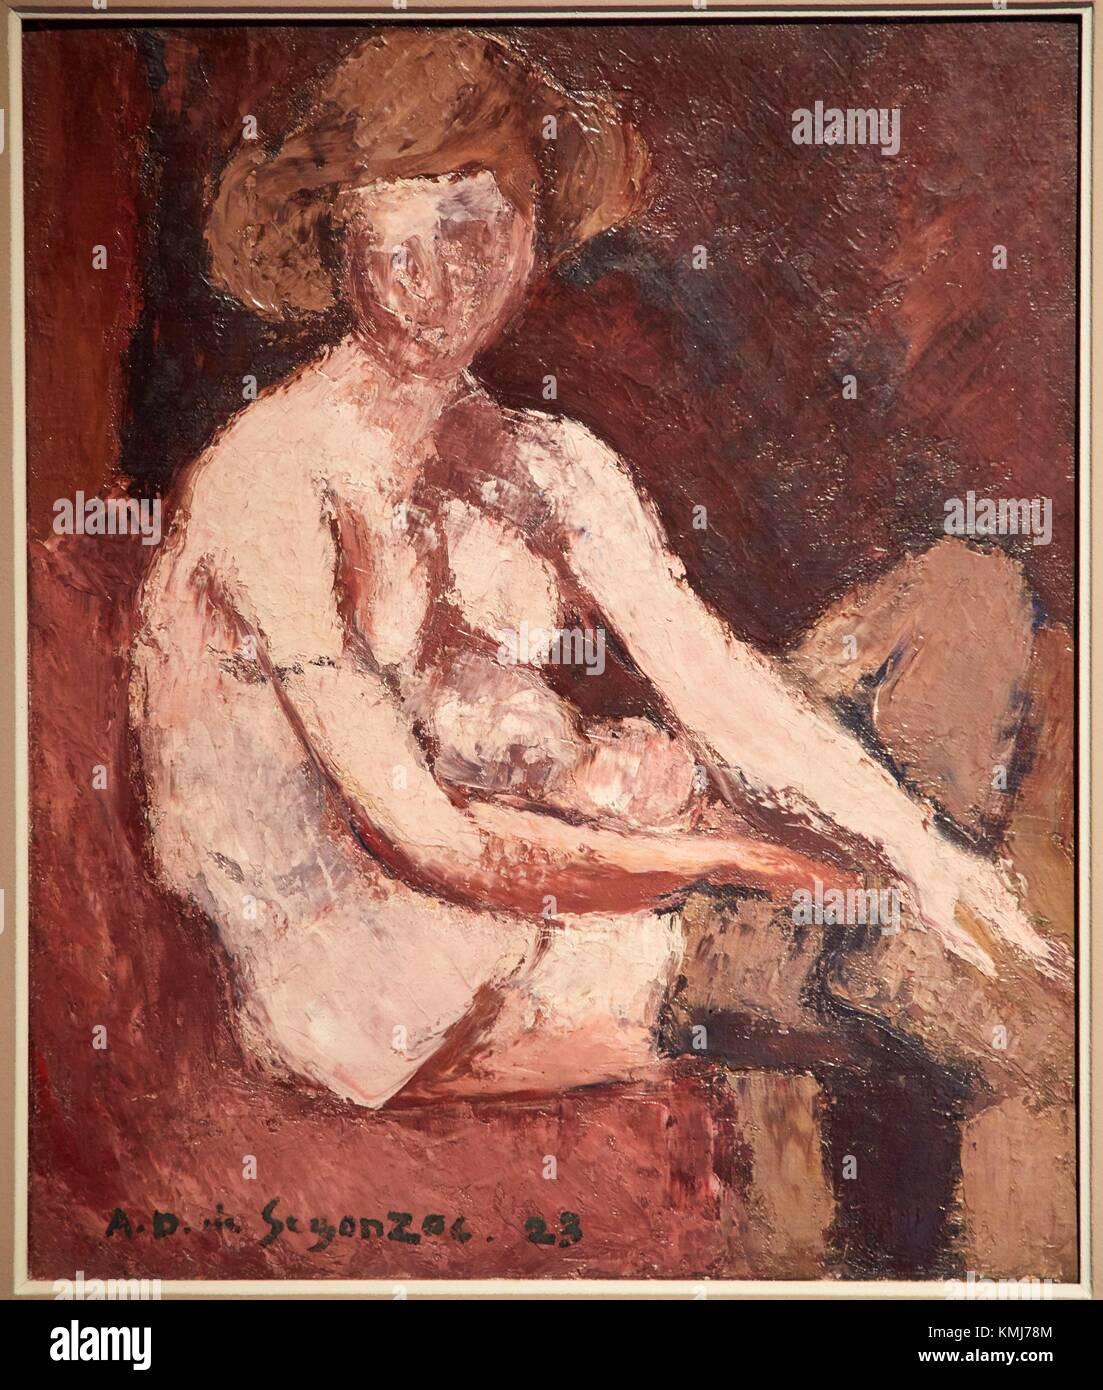 Femme aux bas gris, 1923, André Dunoyer de Segonzac, Musée d'Art Moderne, Troyes, Champagne-Ardenne - Stock Image